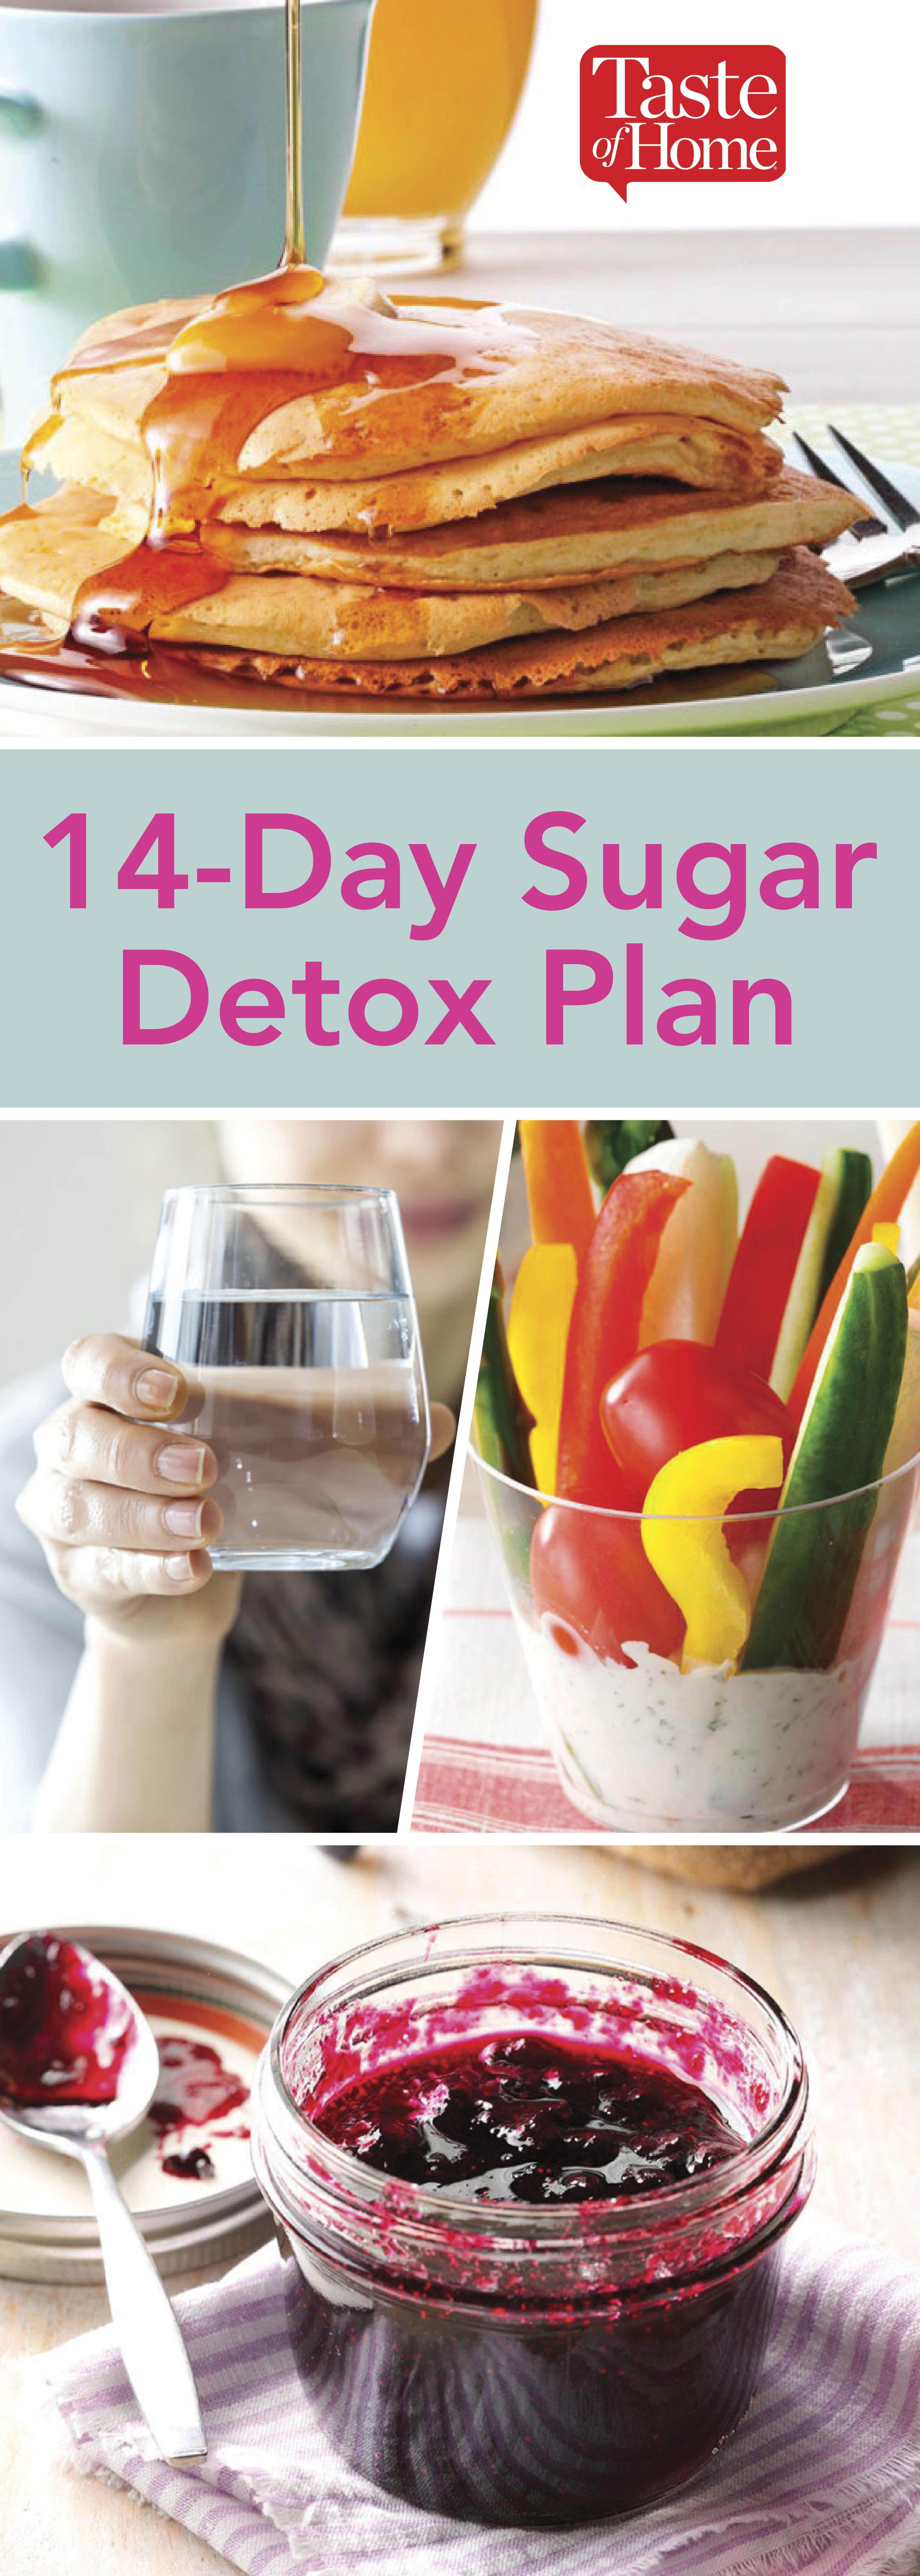 14-Day Sugar Detox Plan